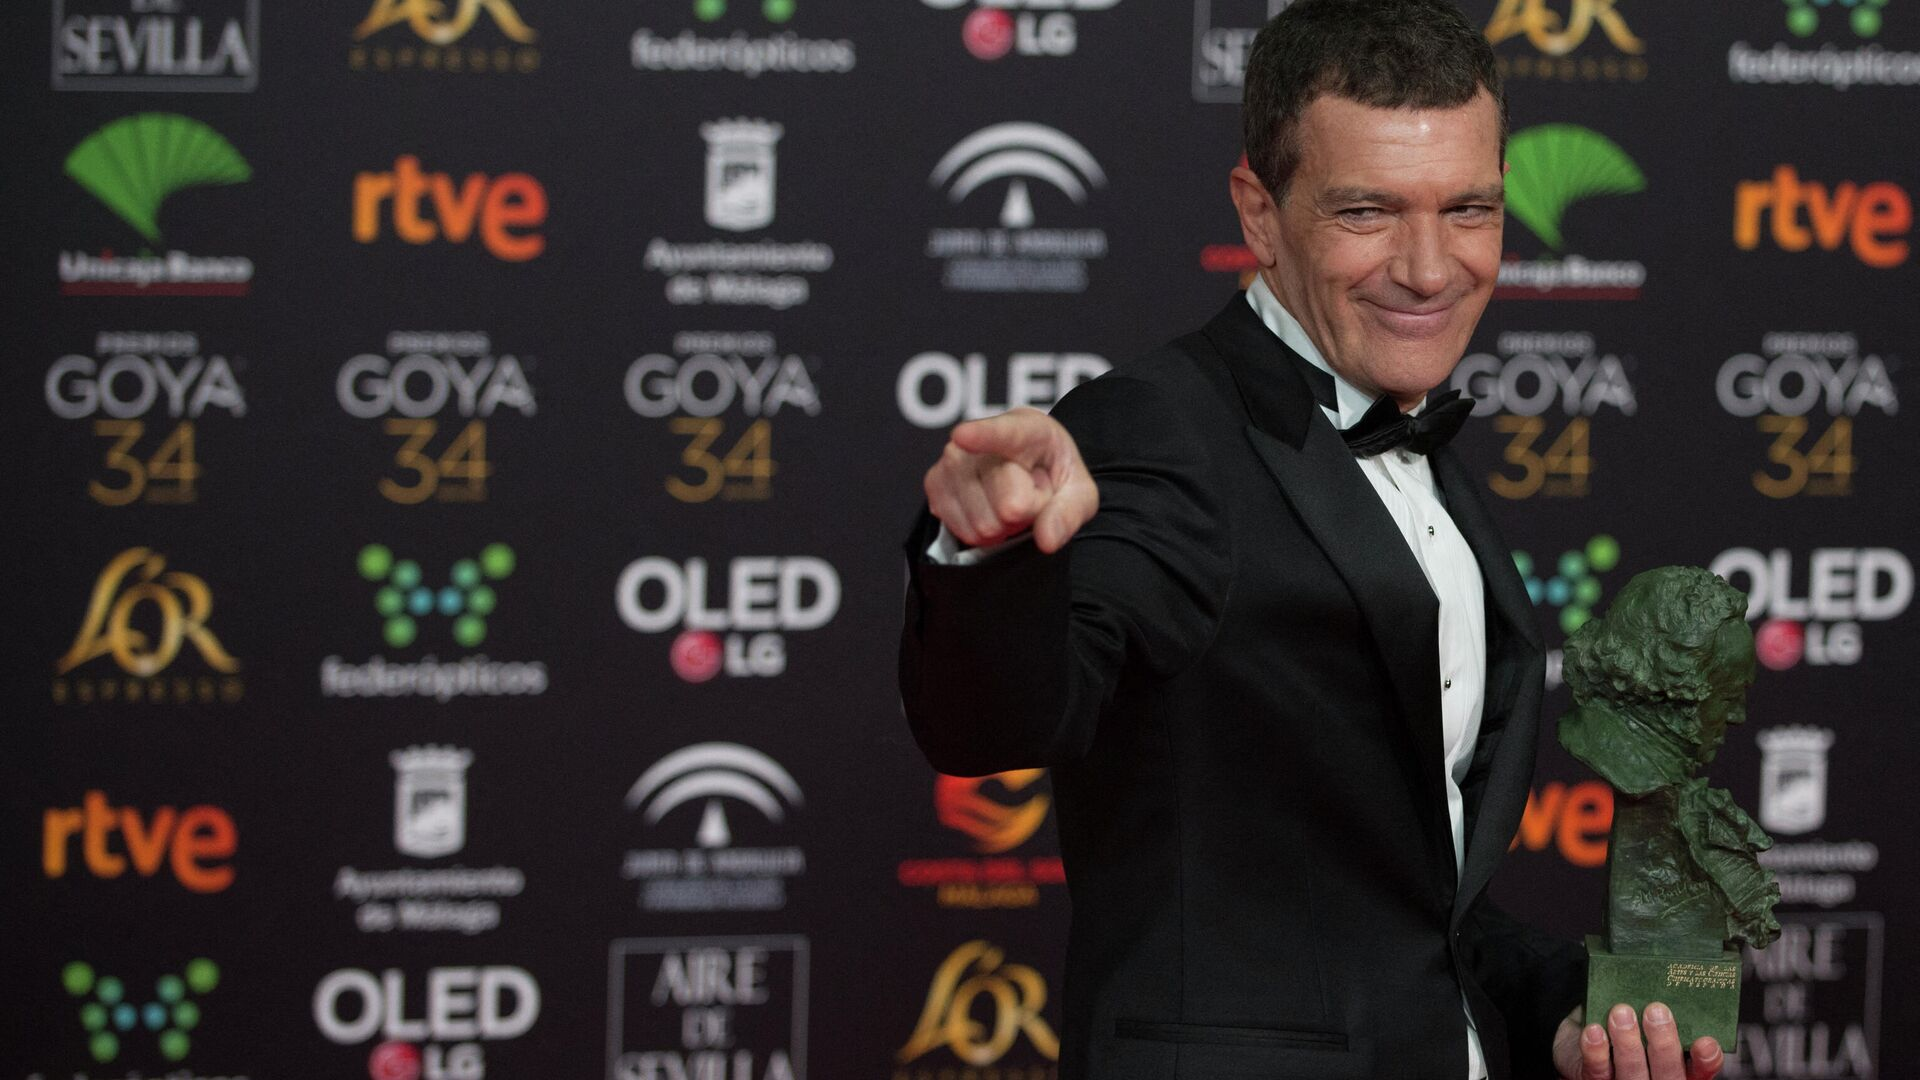 Antonio Banderas posa con el premio Goya al mejor actor por su papel en 'Dolor y Gloria' - Sputnik Mundo, 1920, 04.03.2021